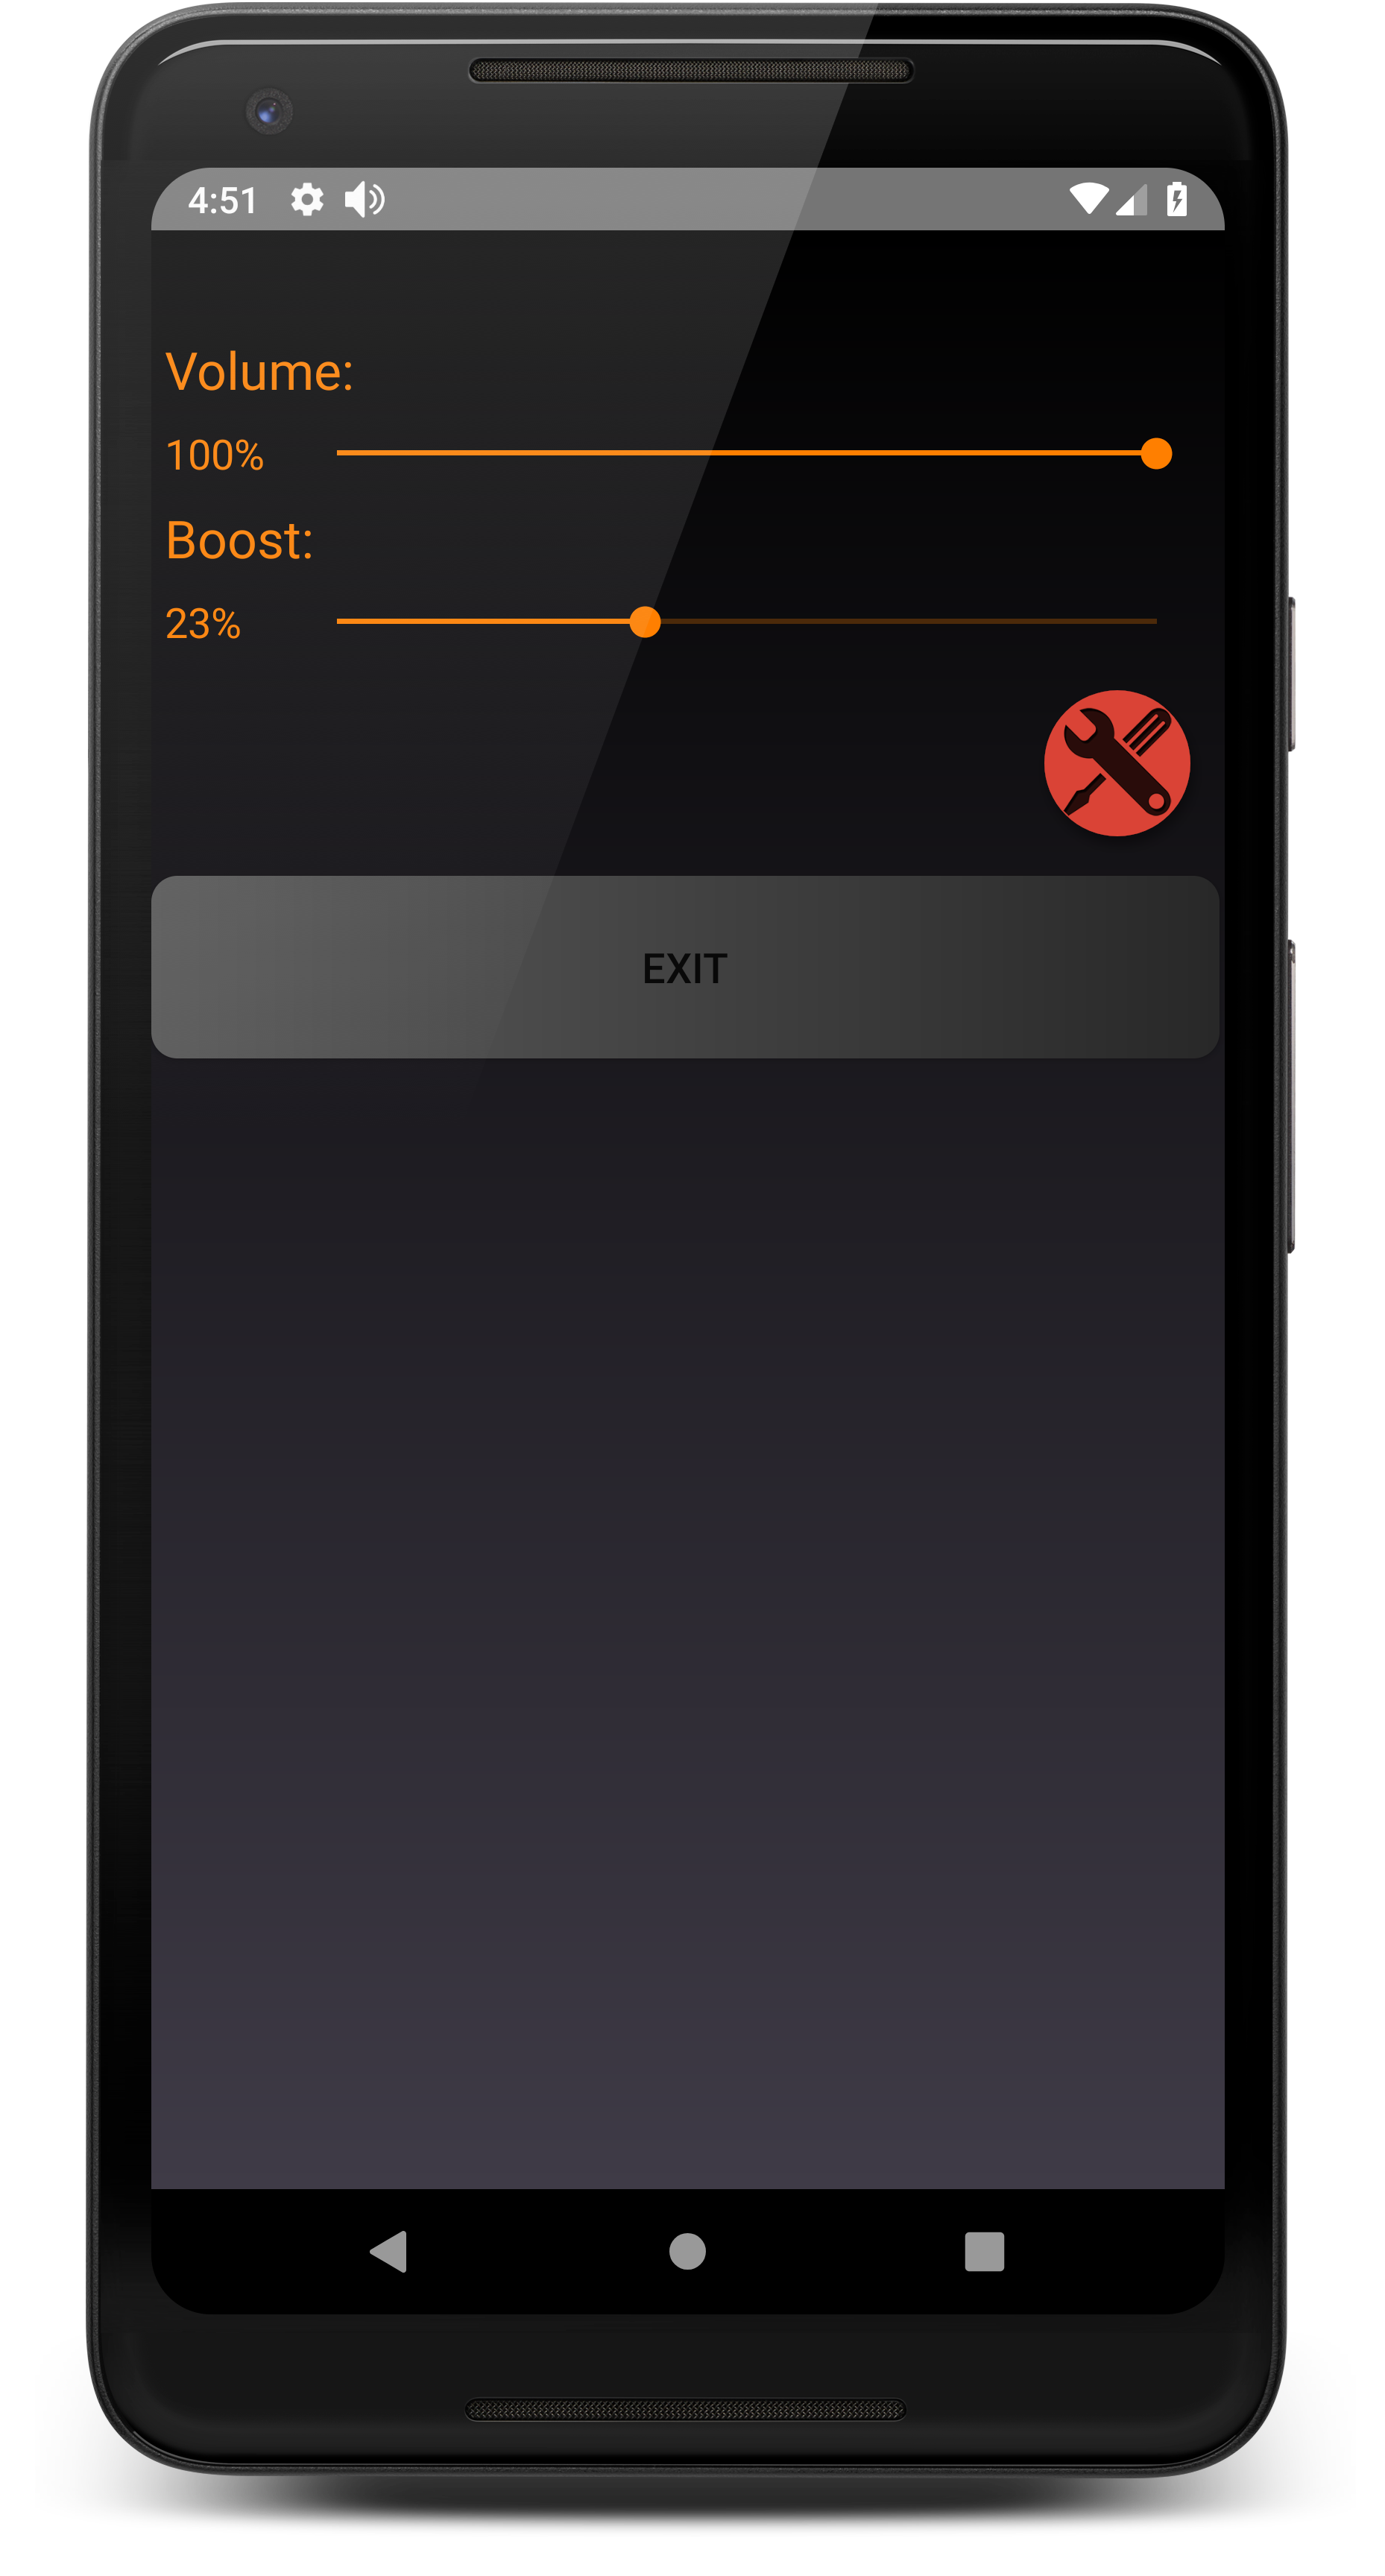 Speaker Booster Full Pro Apk 15 8 Download For Android Download Speaker Booster Full Pro Apk Latest Version Apkfab Com